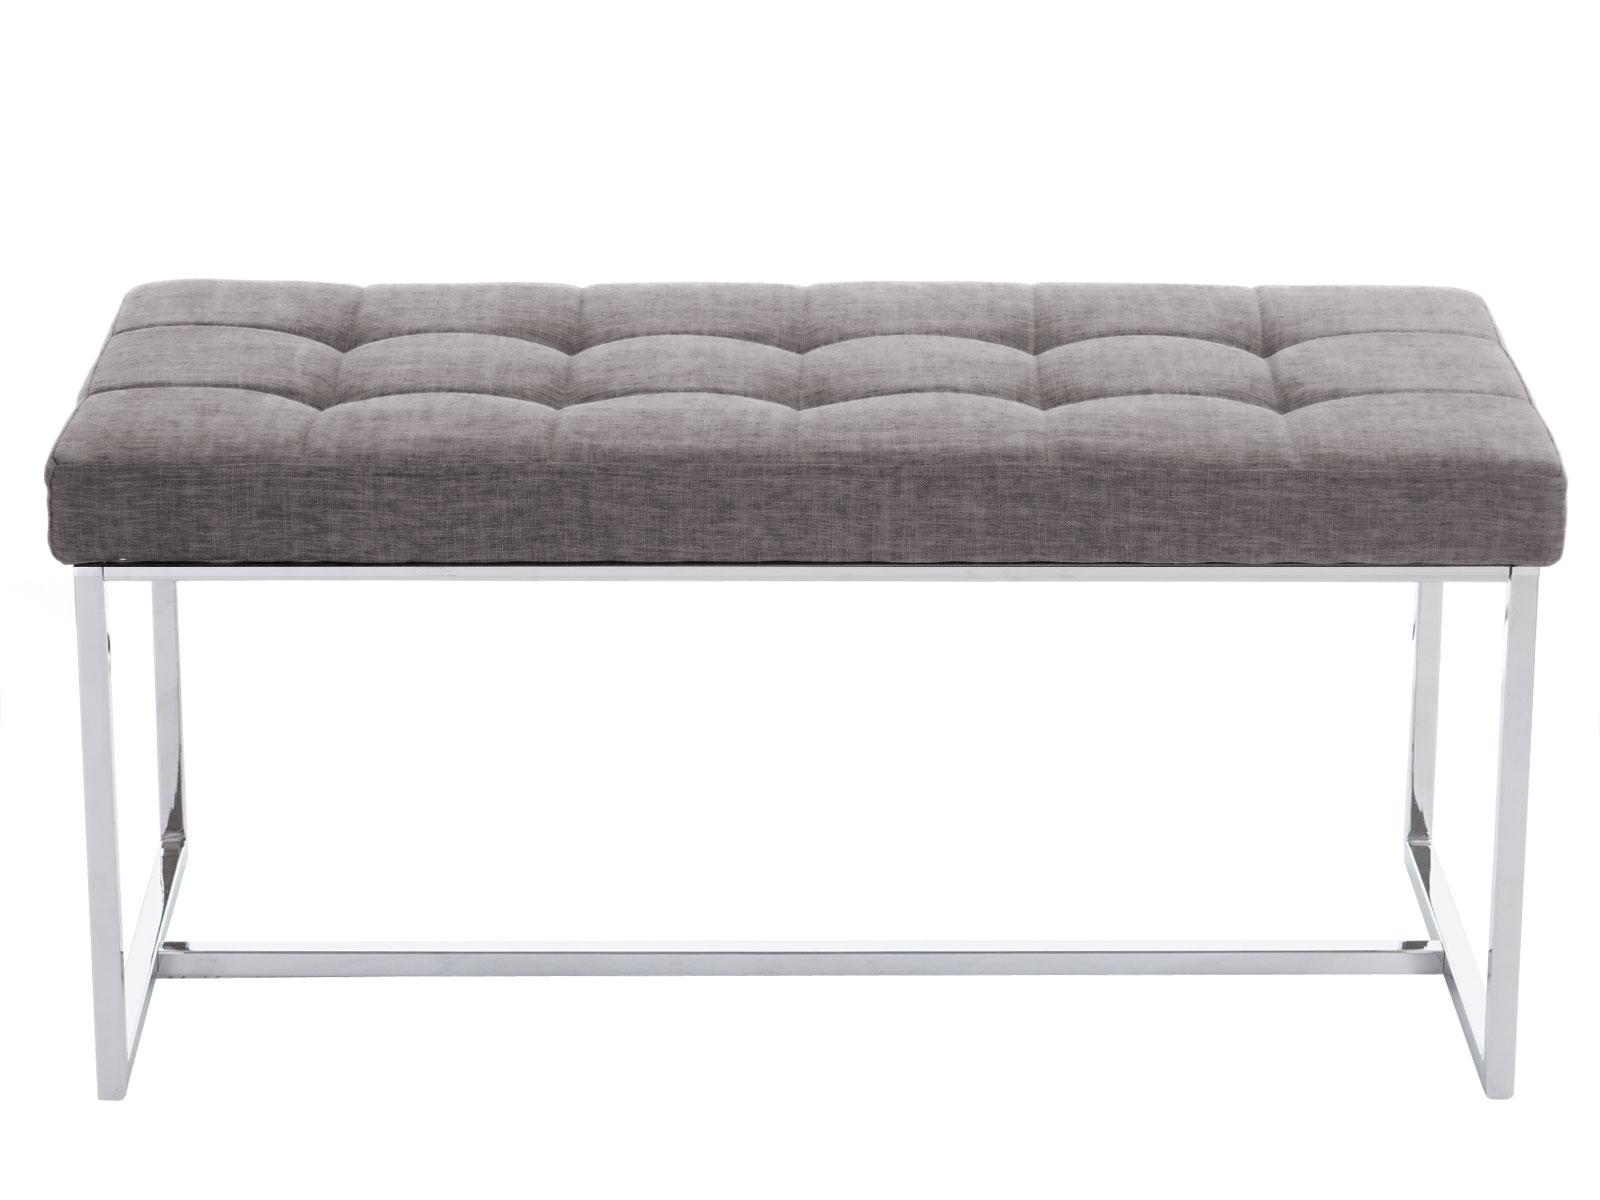 banquette tivoli banc de salle manger 100cm tissu gris ebay. Black Bedroom Furniture Sets. Home Design Ideas